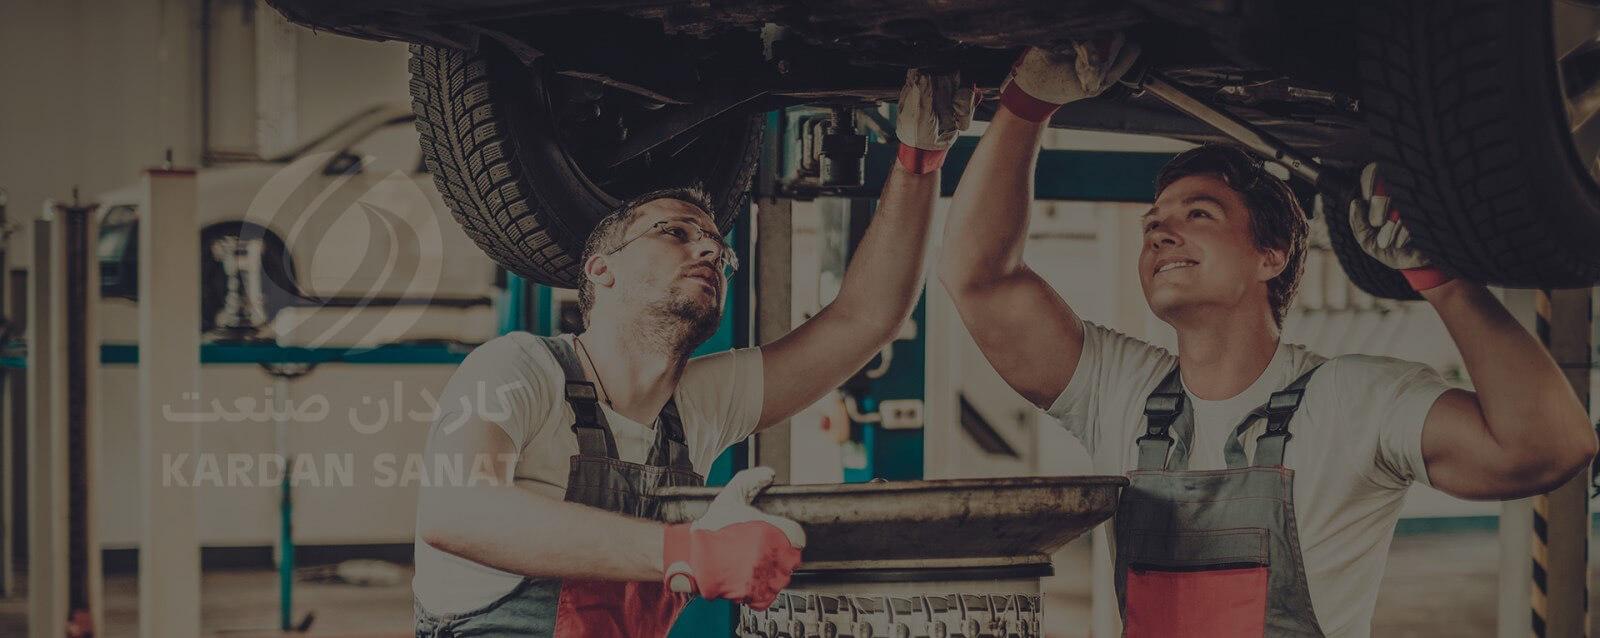 تولید ، واردات و فروش تجهیزات تعمیرگاهی کاردان صنعت